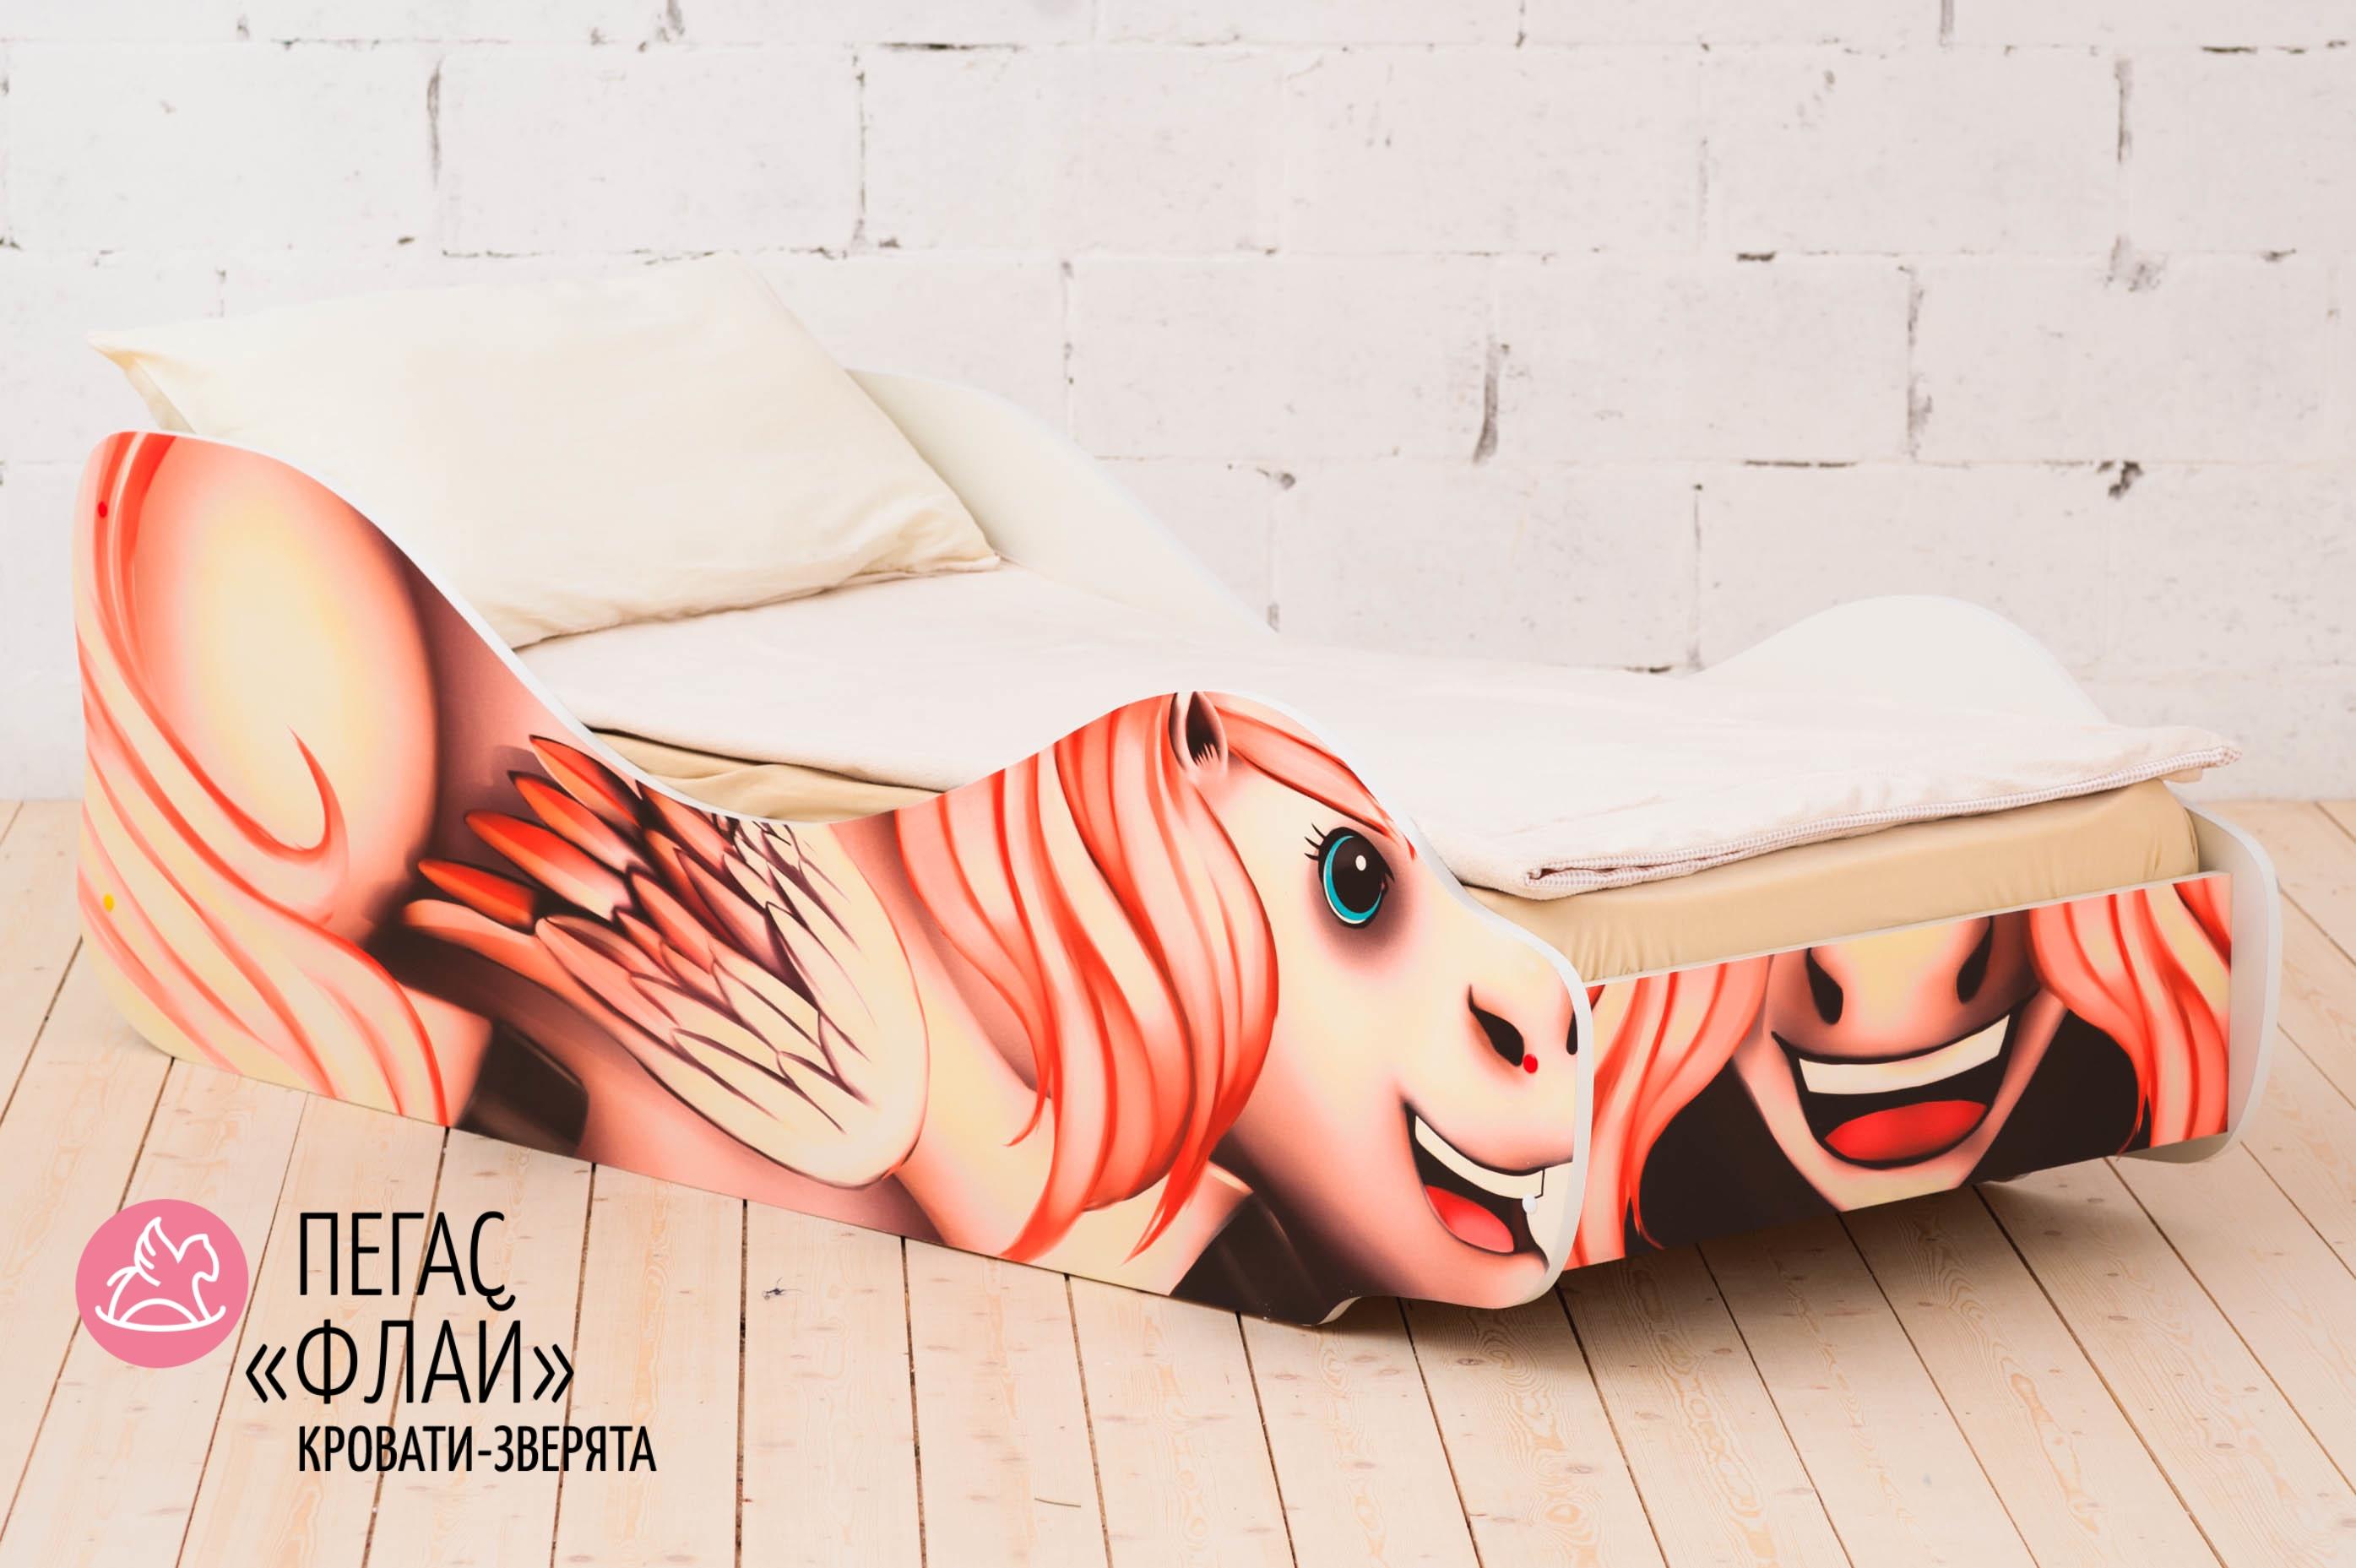 Детская кровать-зверенок -Пегас-Флай-1